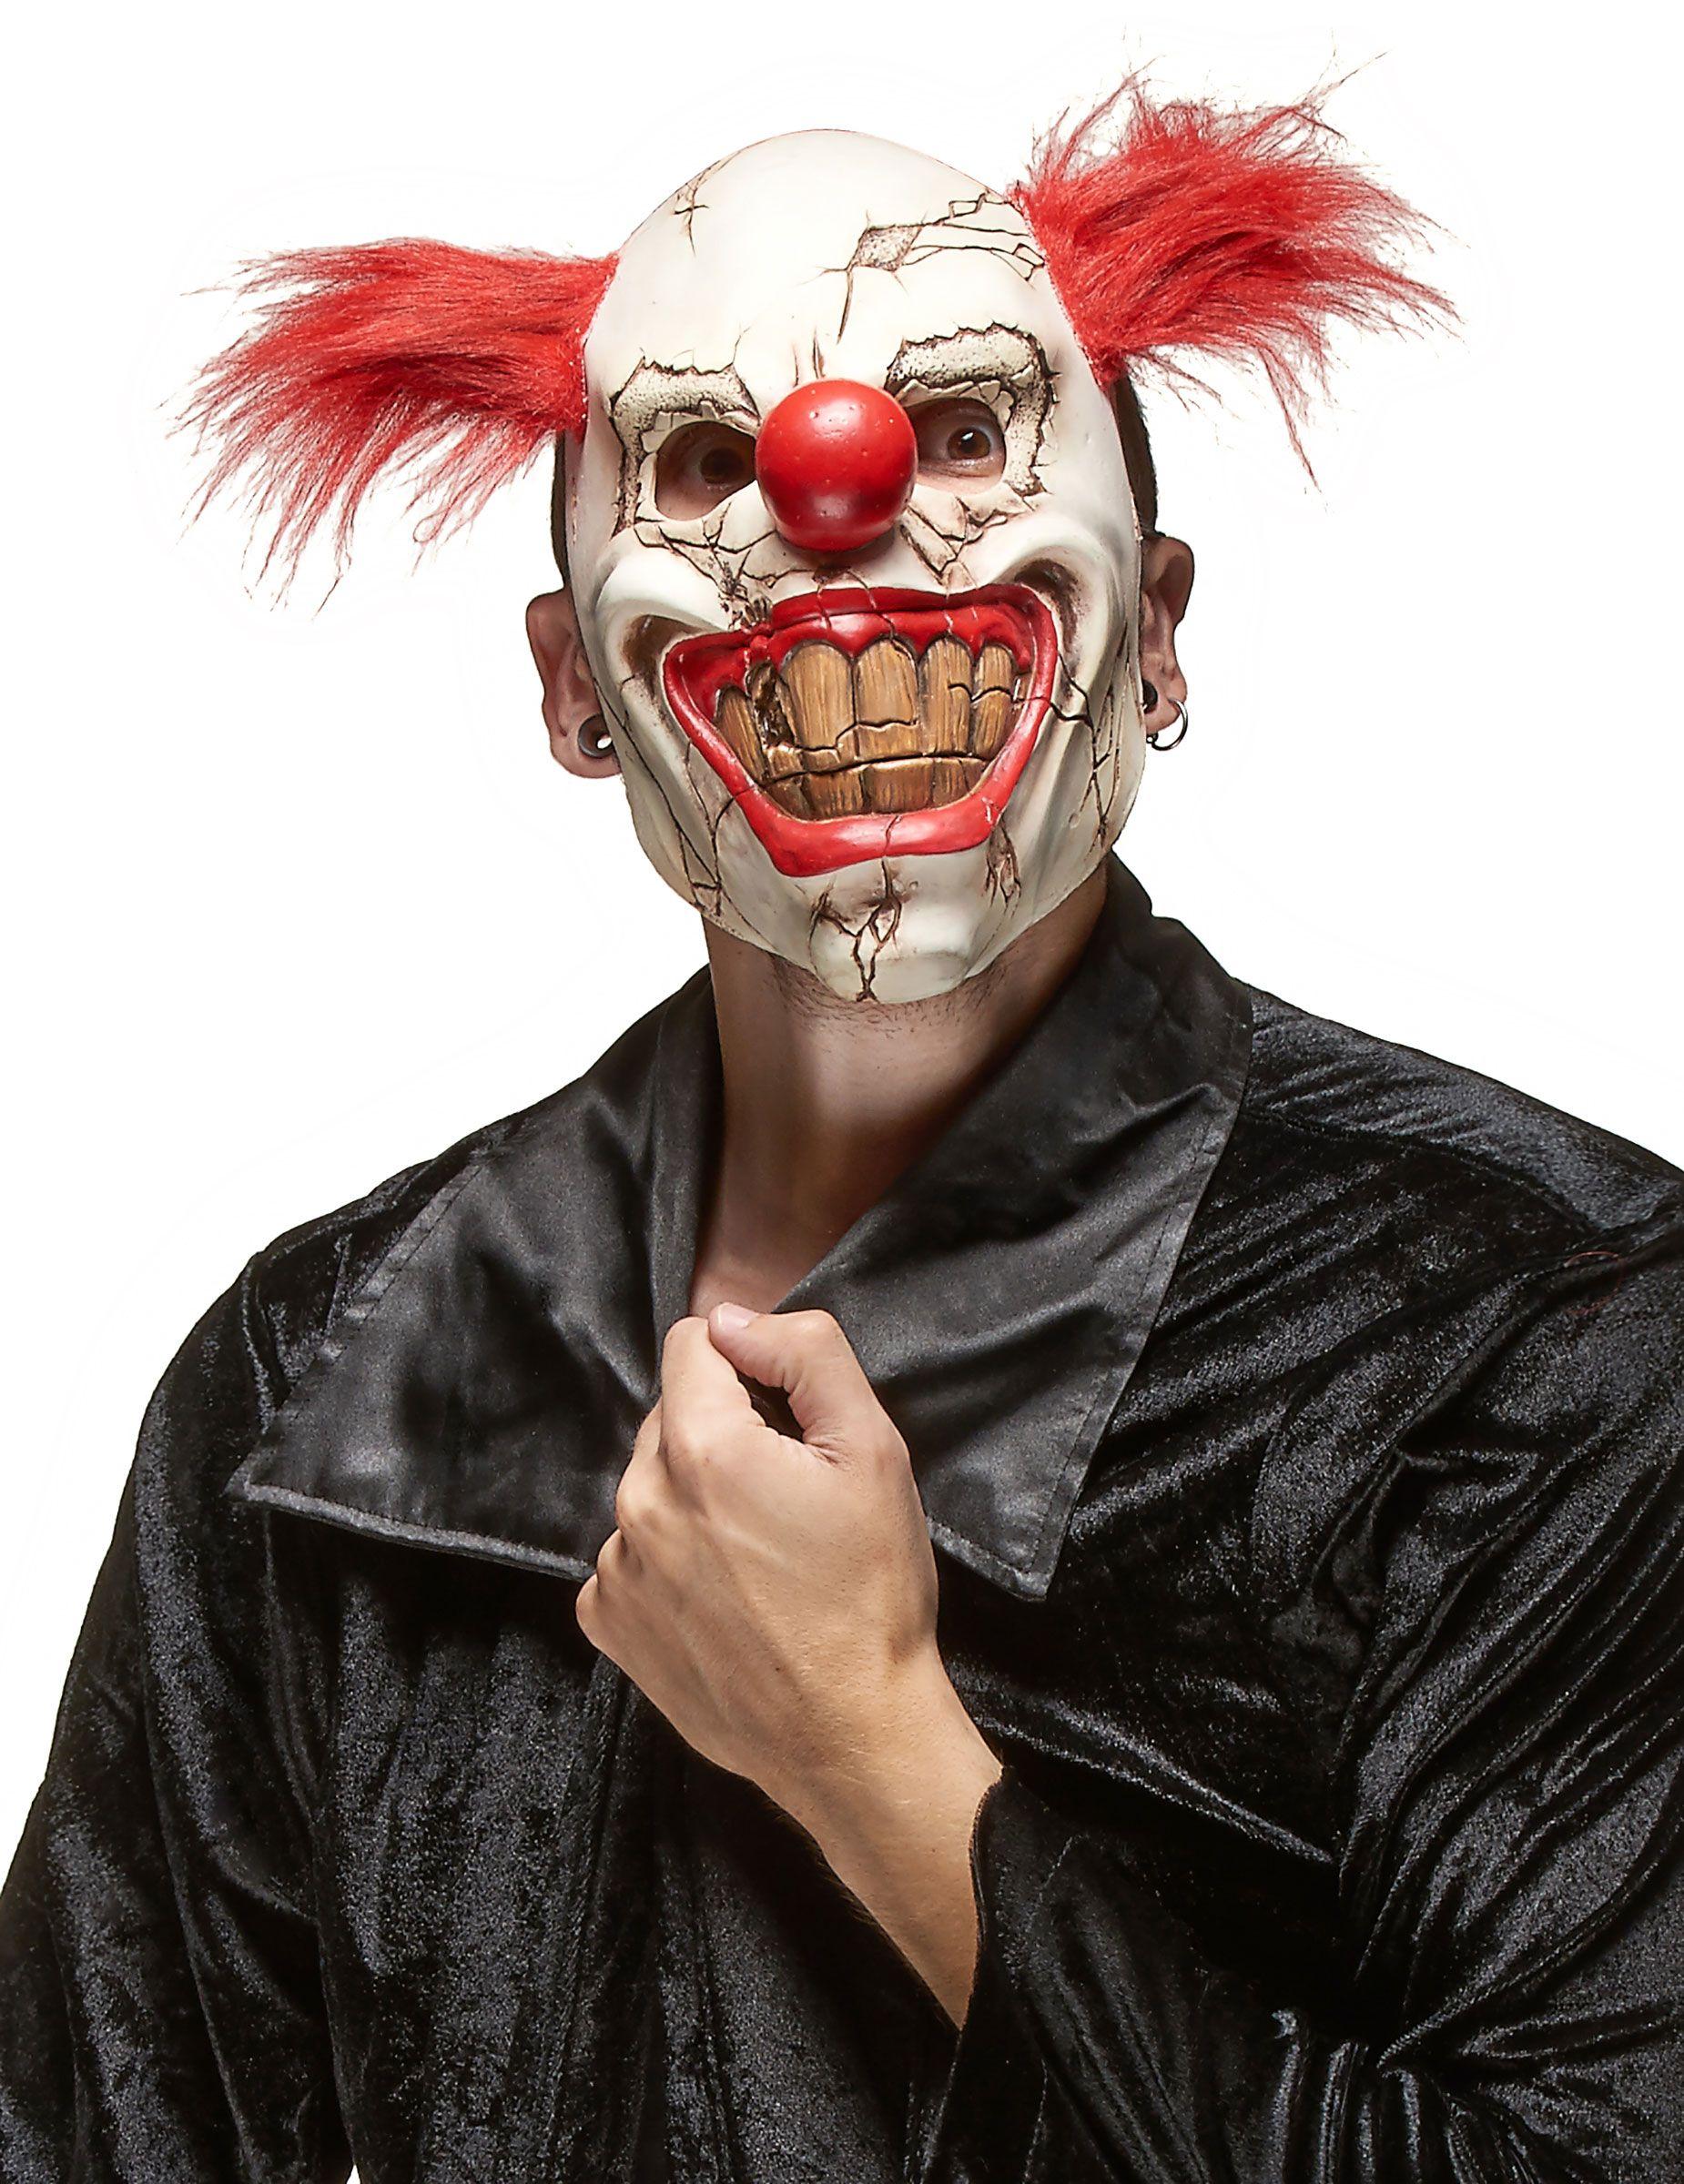 Maschera clown assassino malefico adulto Halloween  Questa maschera da  clown malefico per adulto è realizzata 776e21d81114